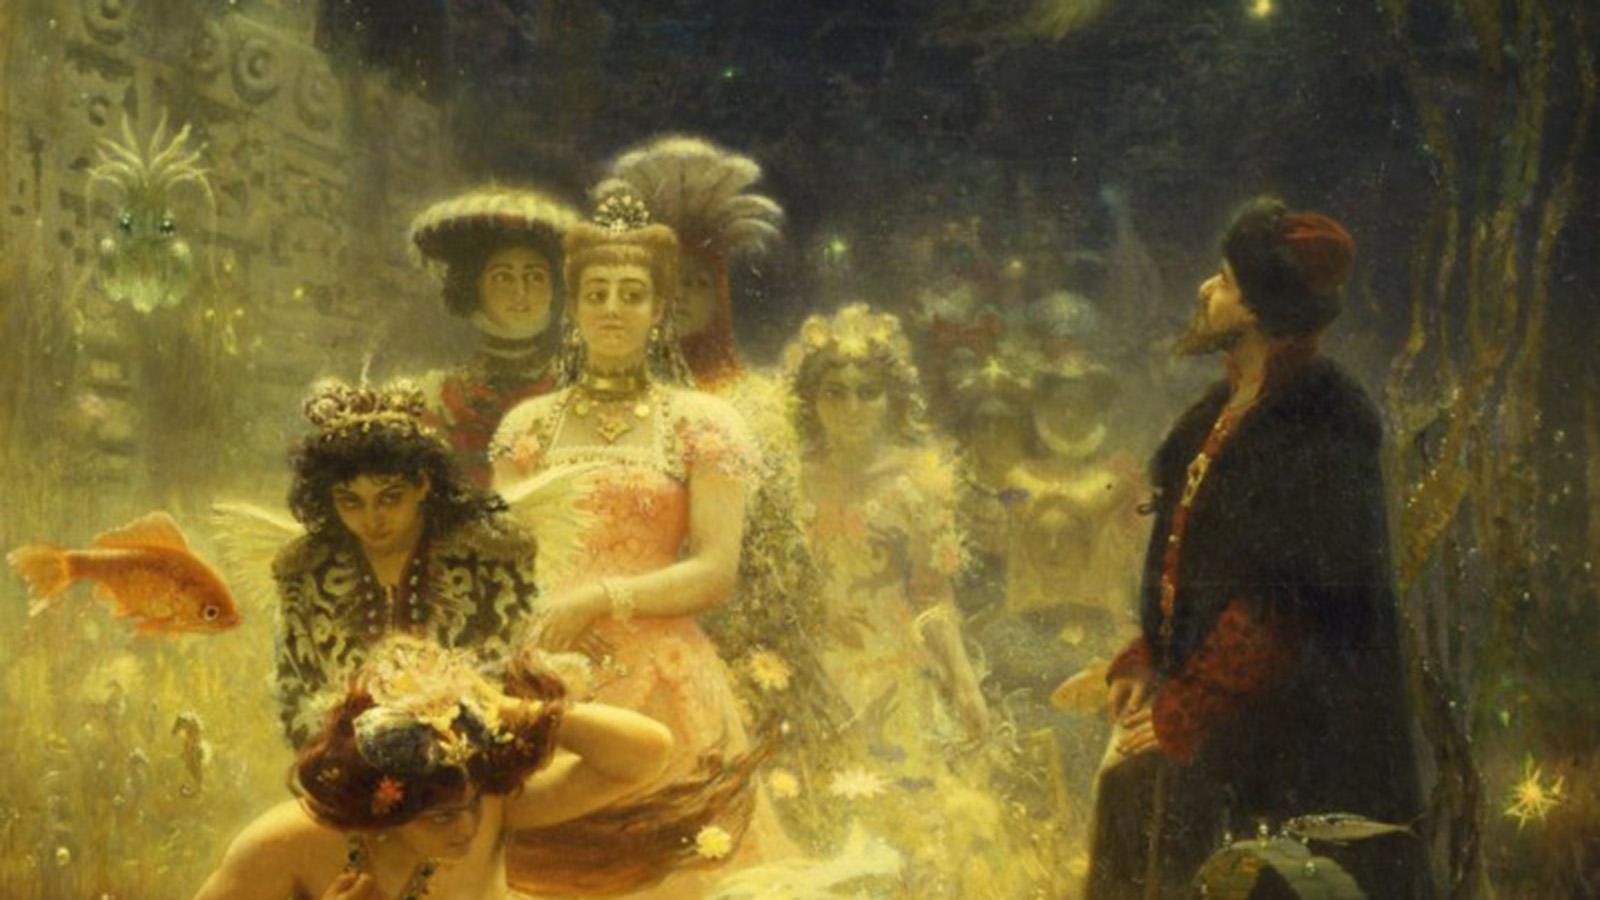 Yksityiskohta Ilja Repinin teoksesta Sadko vedenalaisessa valtakunnassa